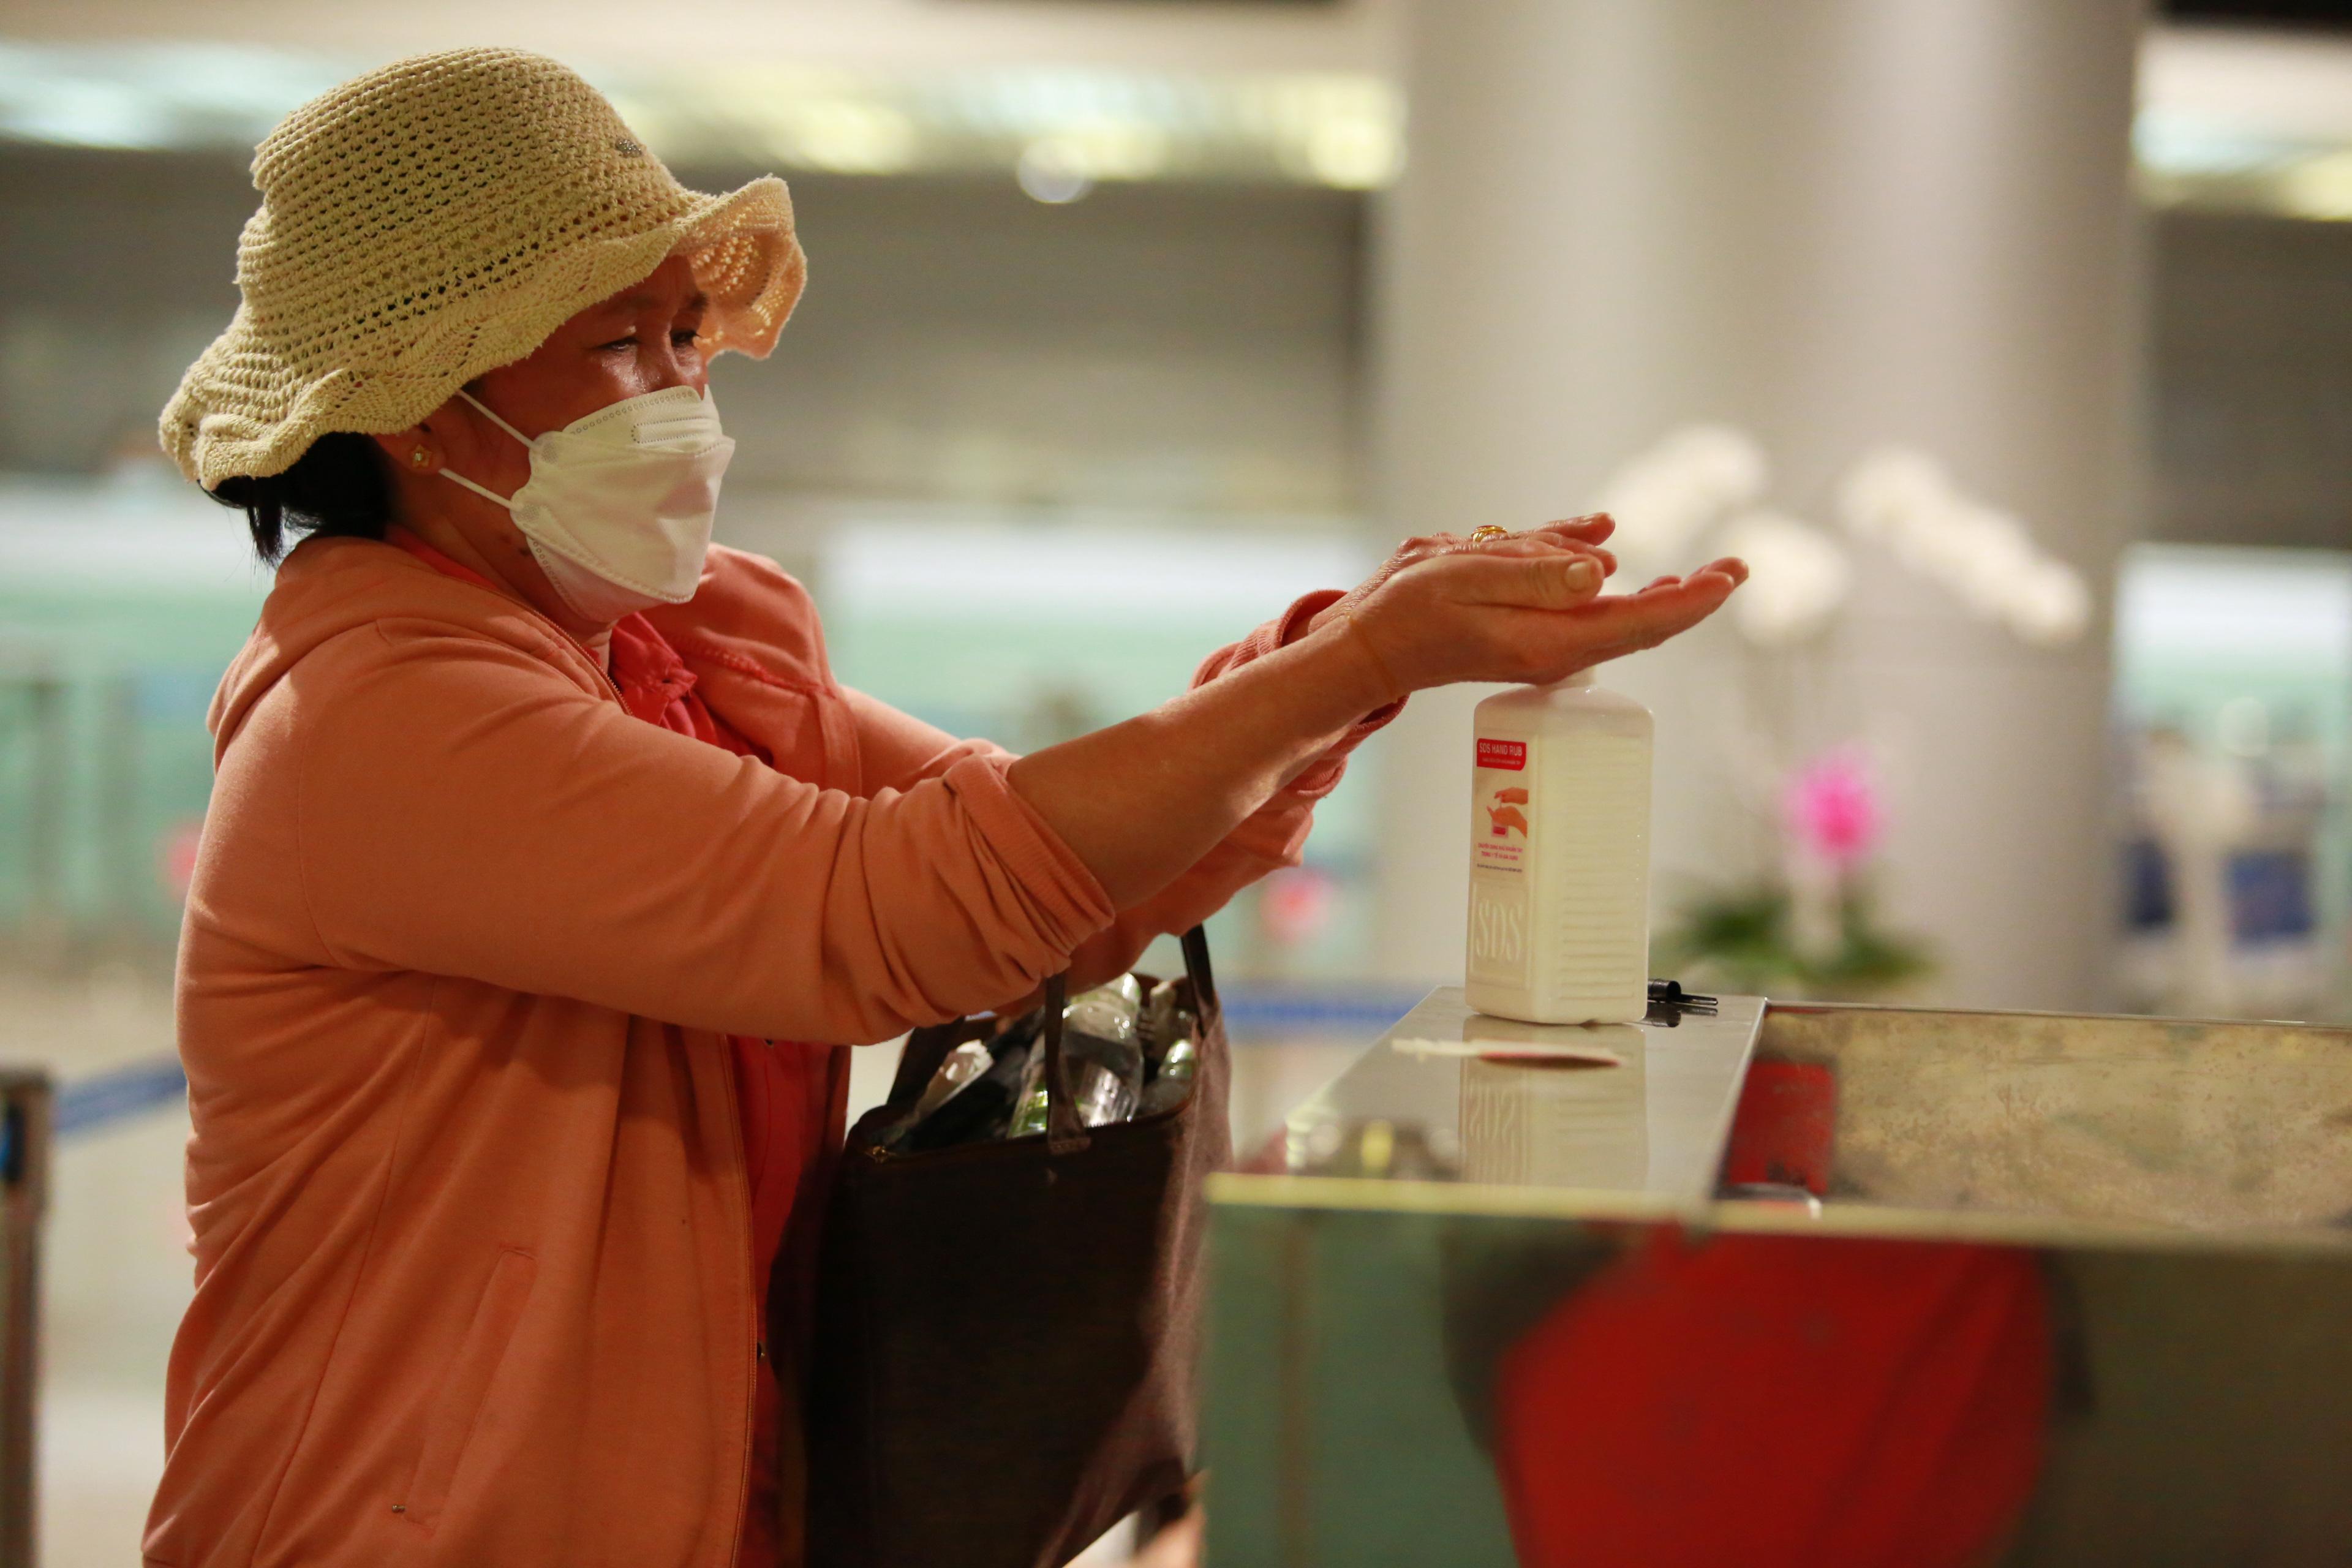 Ông Nguyễn Hồng Tâm - Giám đốc trung tâm kiểm dịch y tế Quốc tế cho biết, kể từ hôm nay (26/2), toàn bộ hành khách trở về từ Hàn Quốc đều phải cách ly 14 ngày. Trường hợp hành khách không hợp tác cách ly, sẽ sắp xếp để về lại Hàn Quốc.